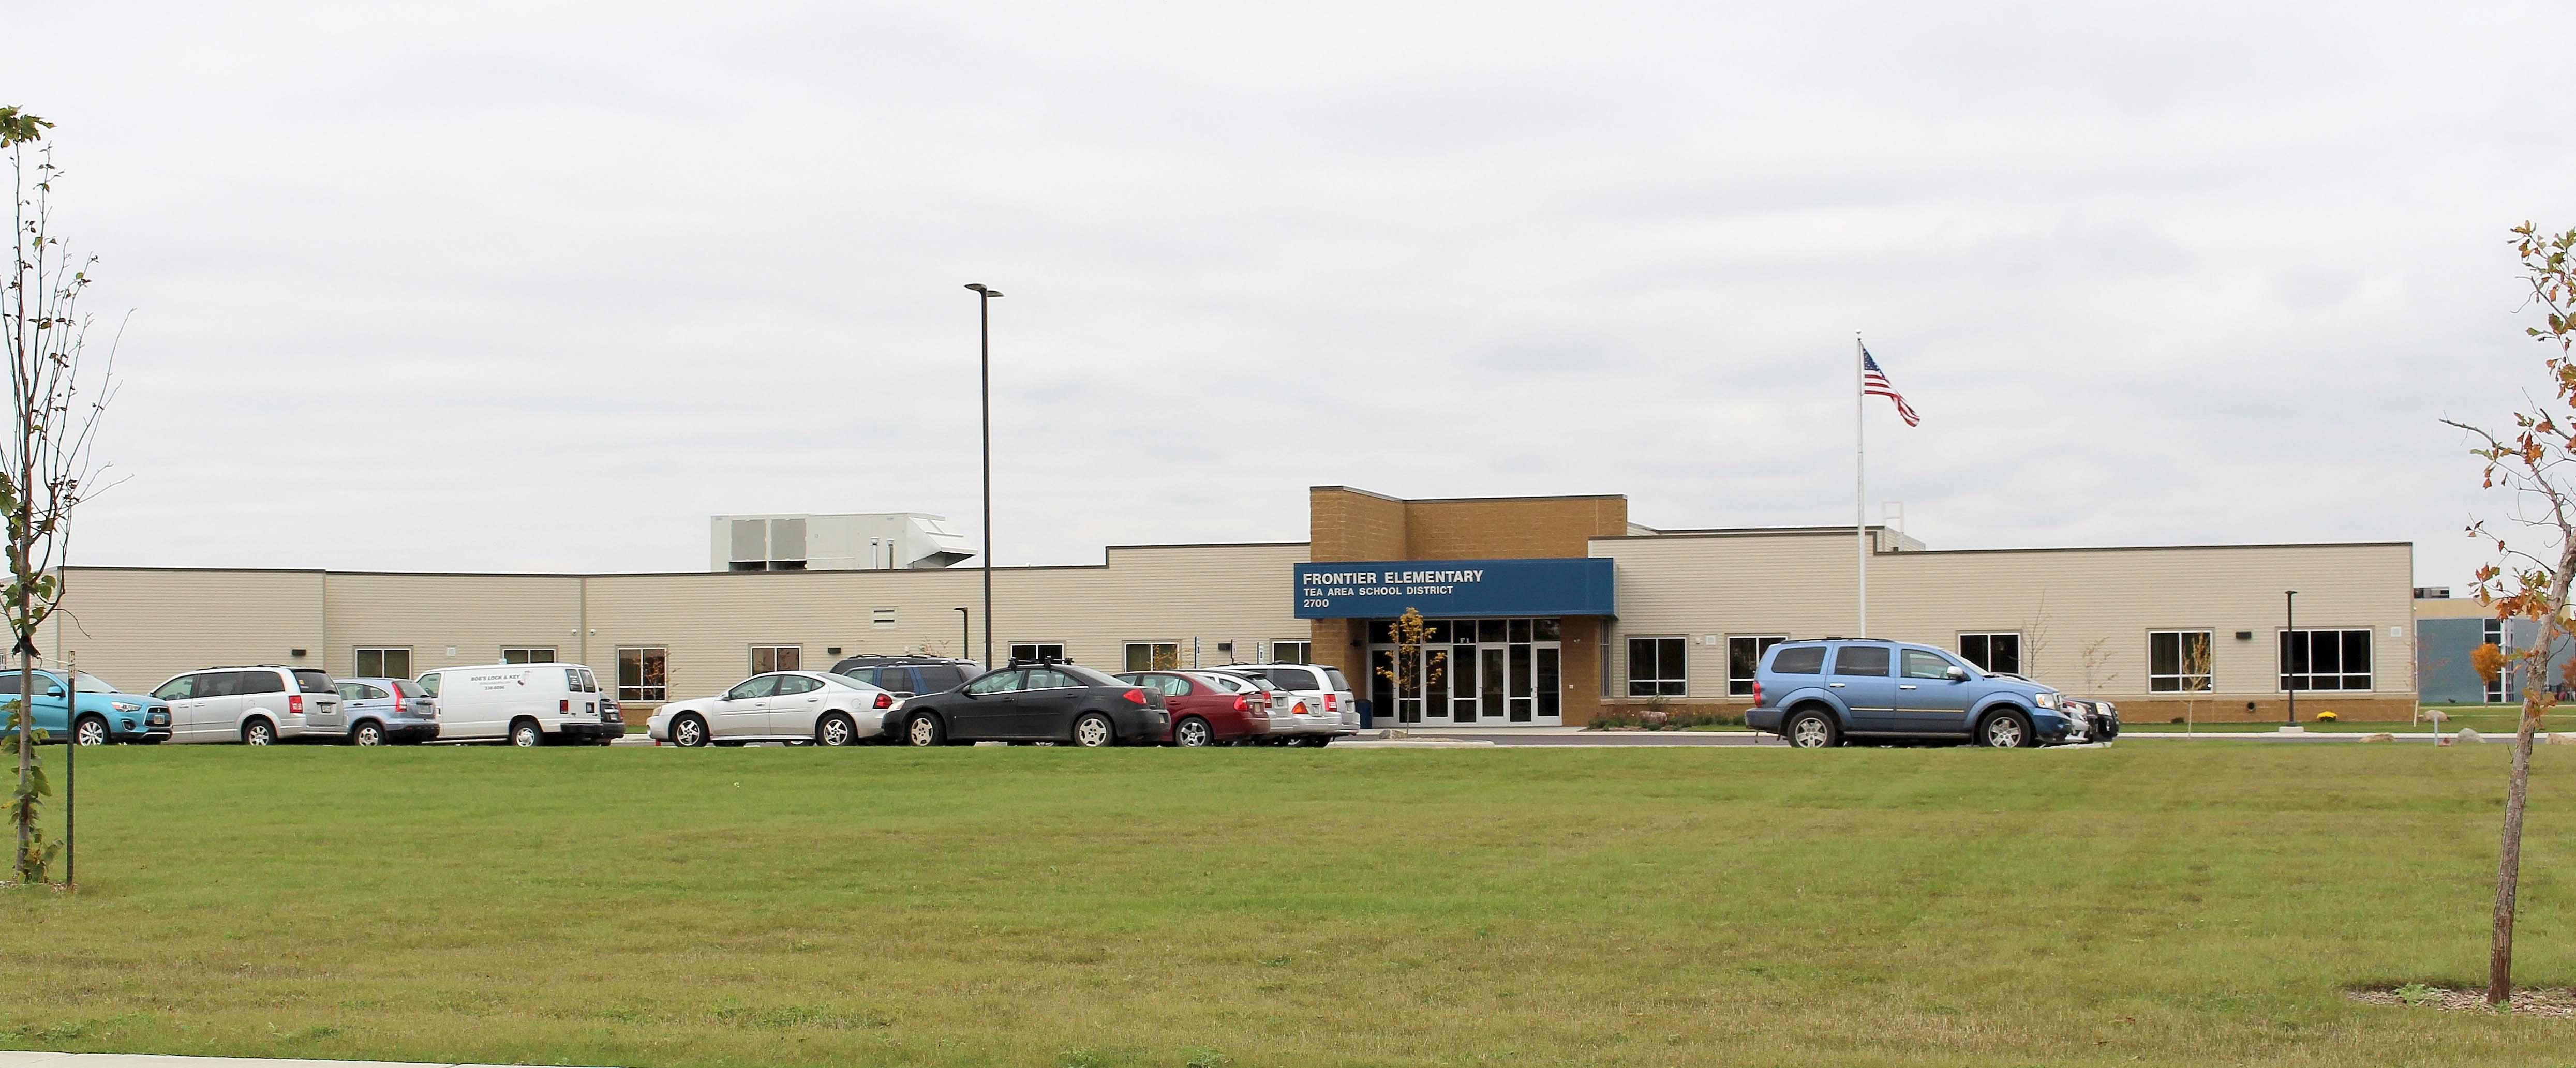 Frontier Elementary - Tea Area School District